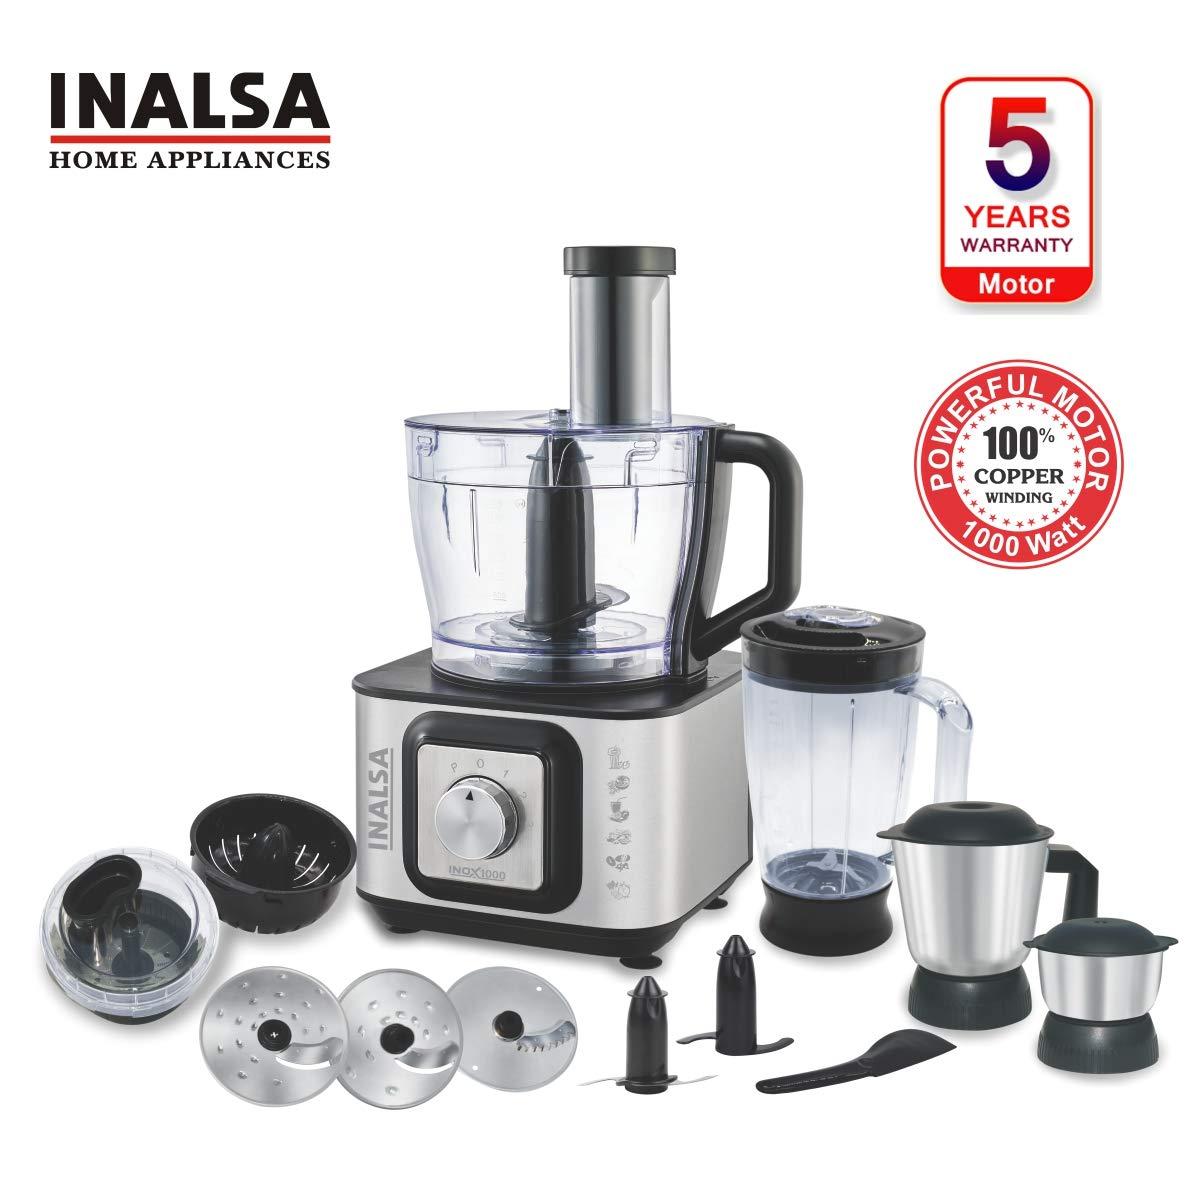 Inalsa Food Processor INOX 1000-Watt